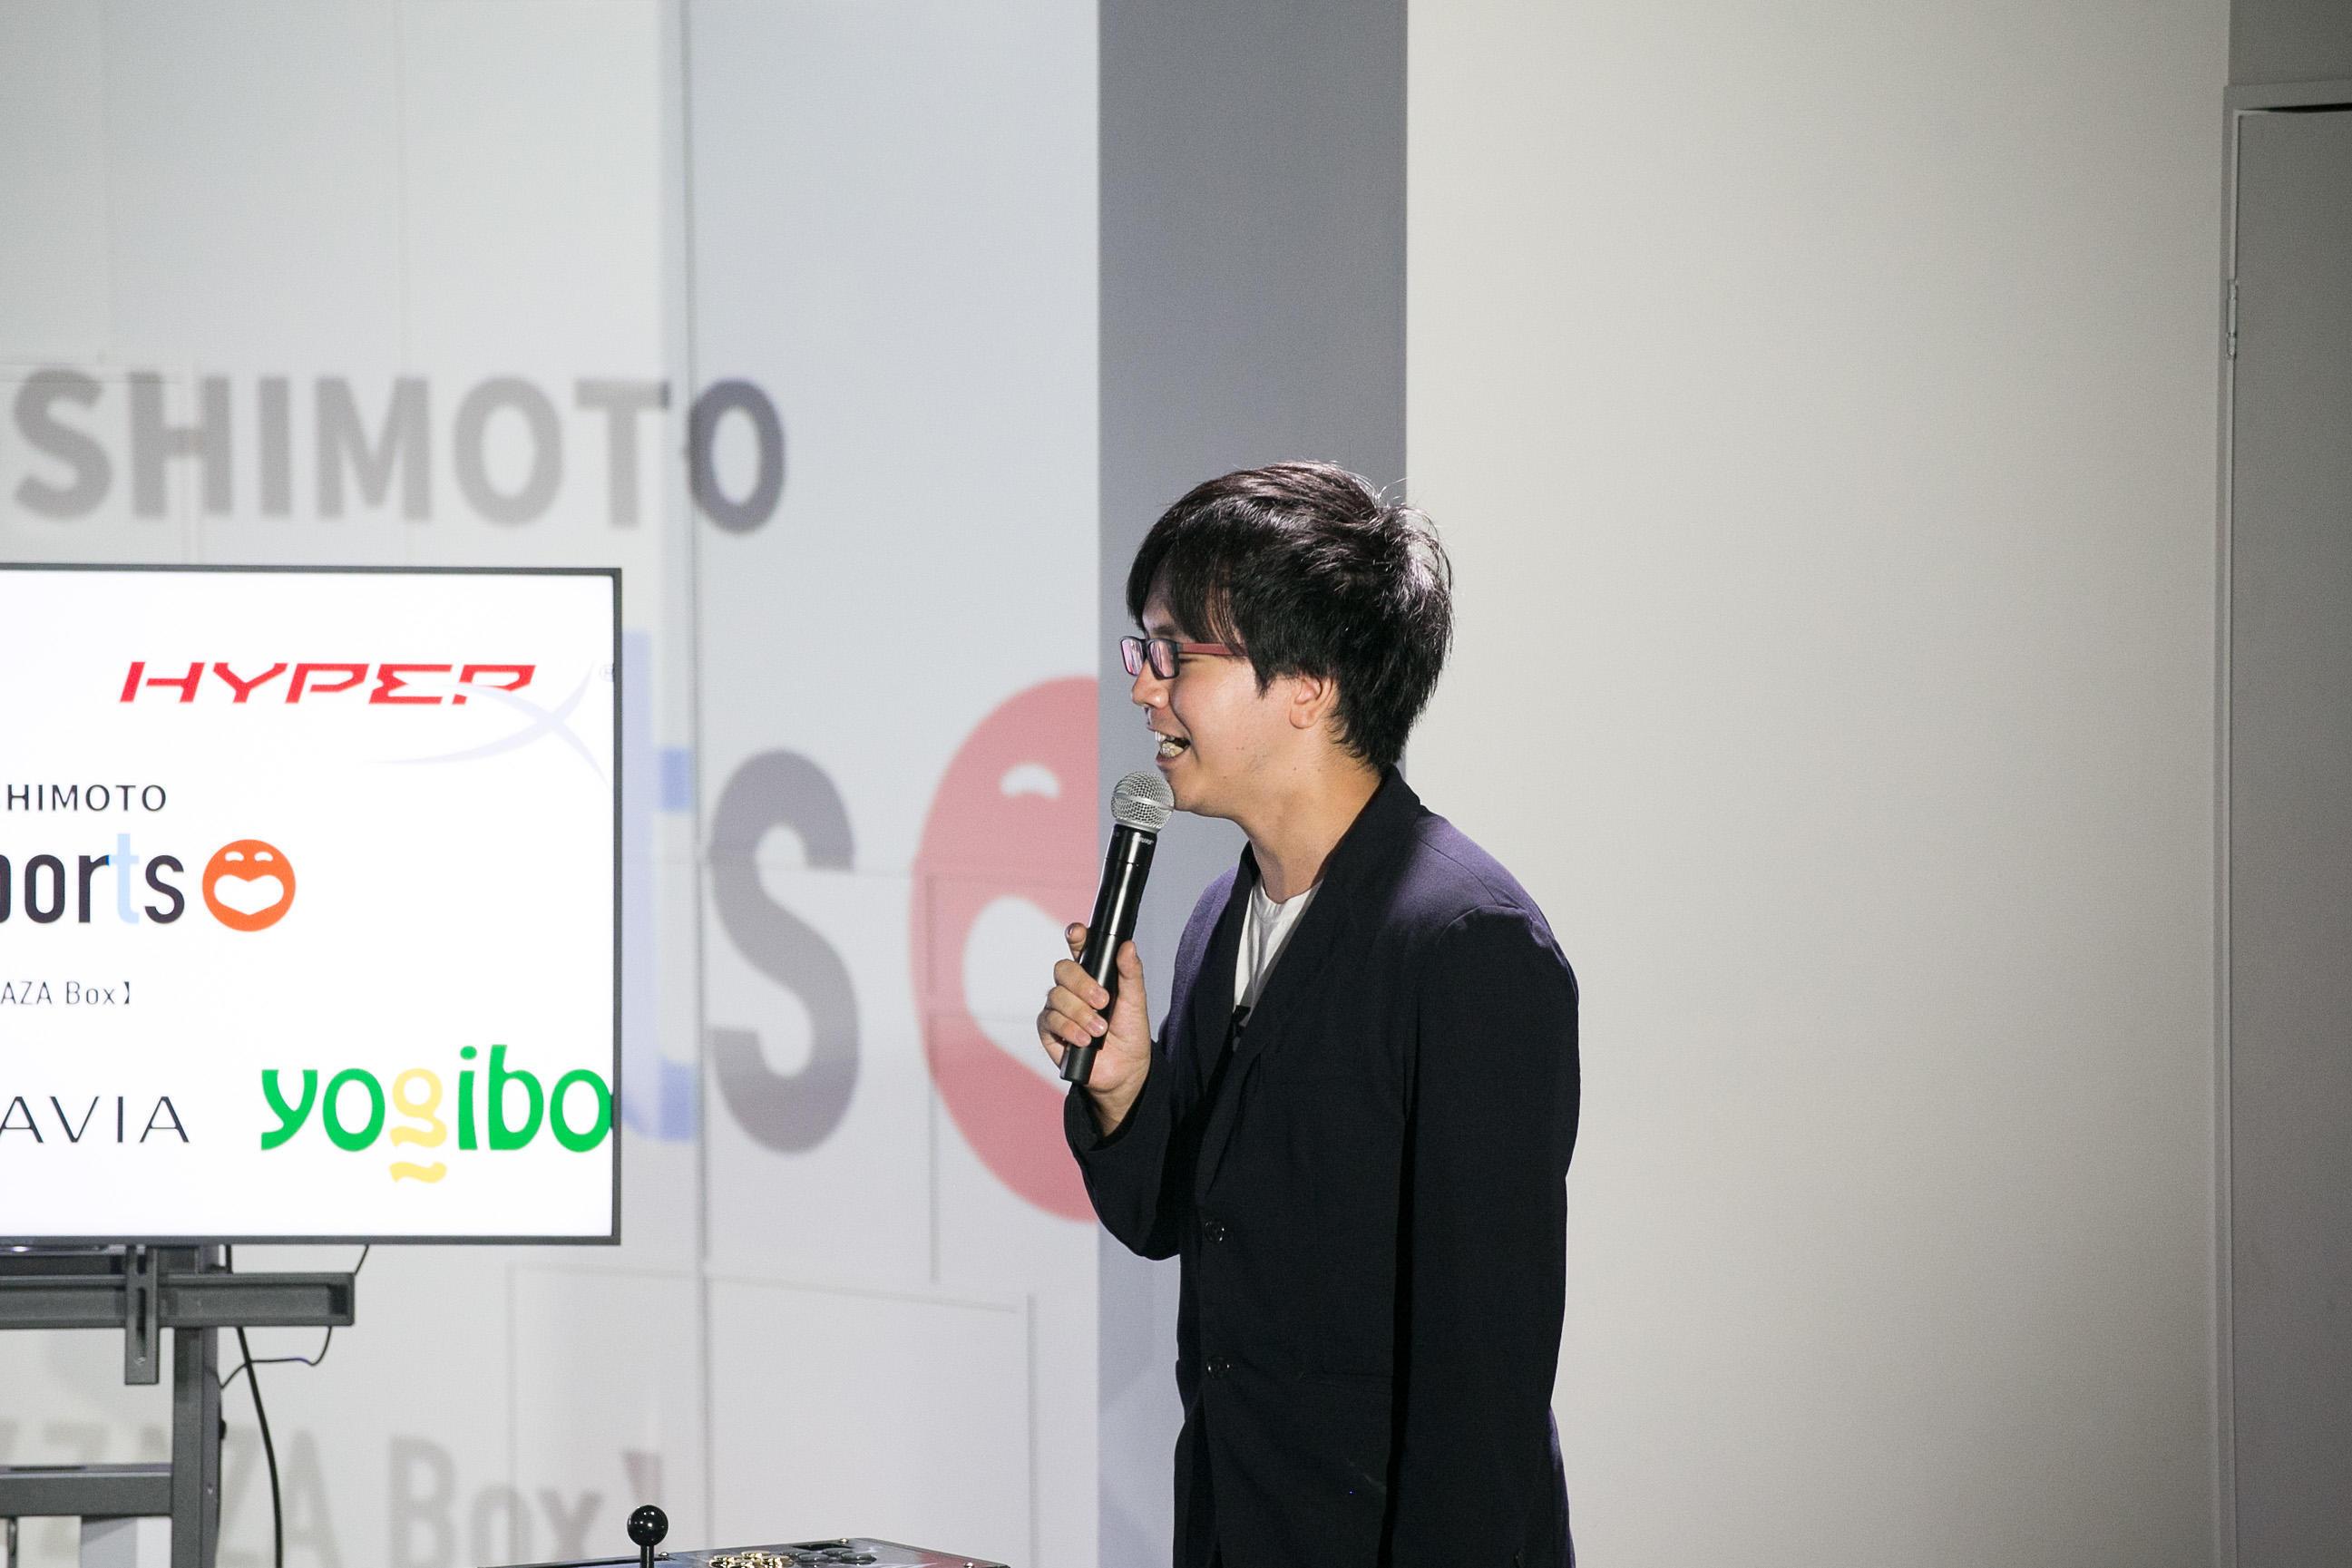 http://news.yoshimoto.co.jp/20181007001940-348378b7d8f981f4d3ce55ab99f89b39879db975.jpg